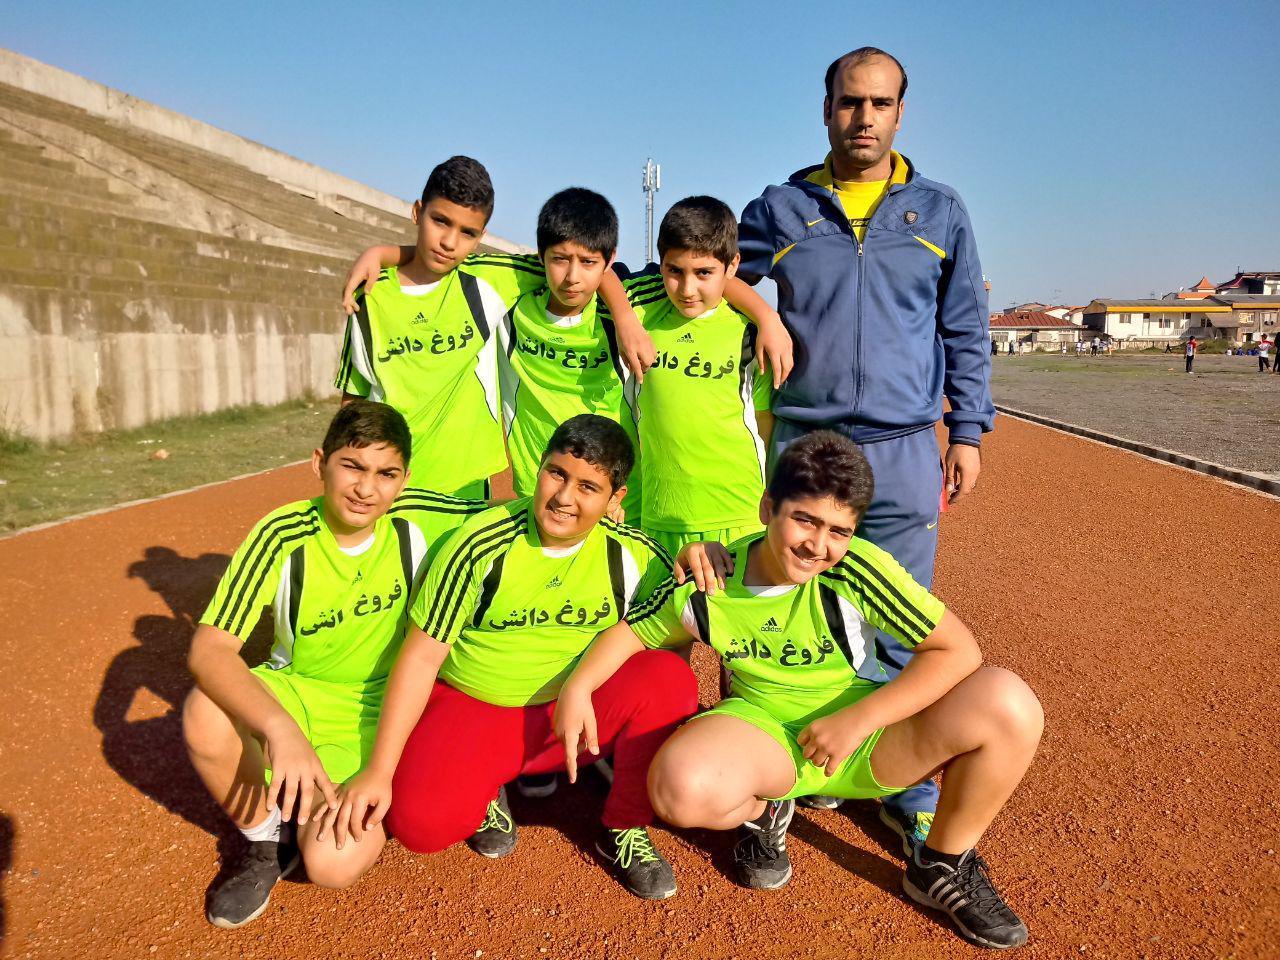 مدال طلای مسابقات دومیدانی آموزشگاهی و عنوان چهارمی تیمی